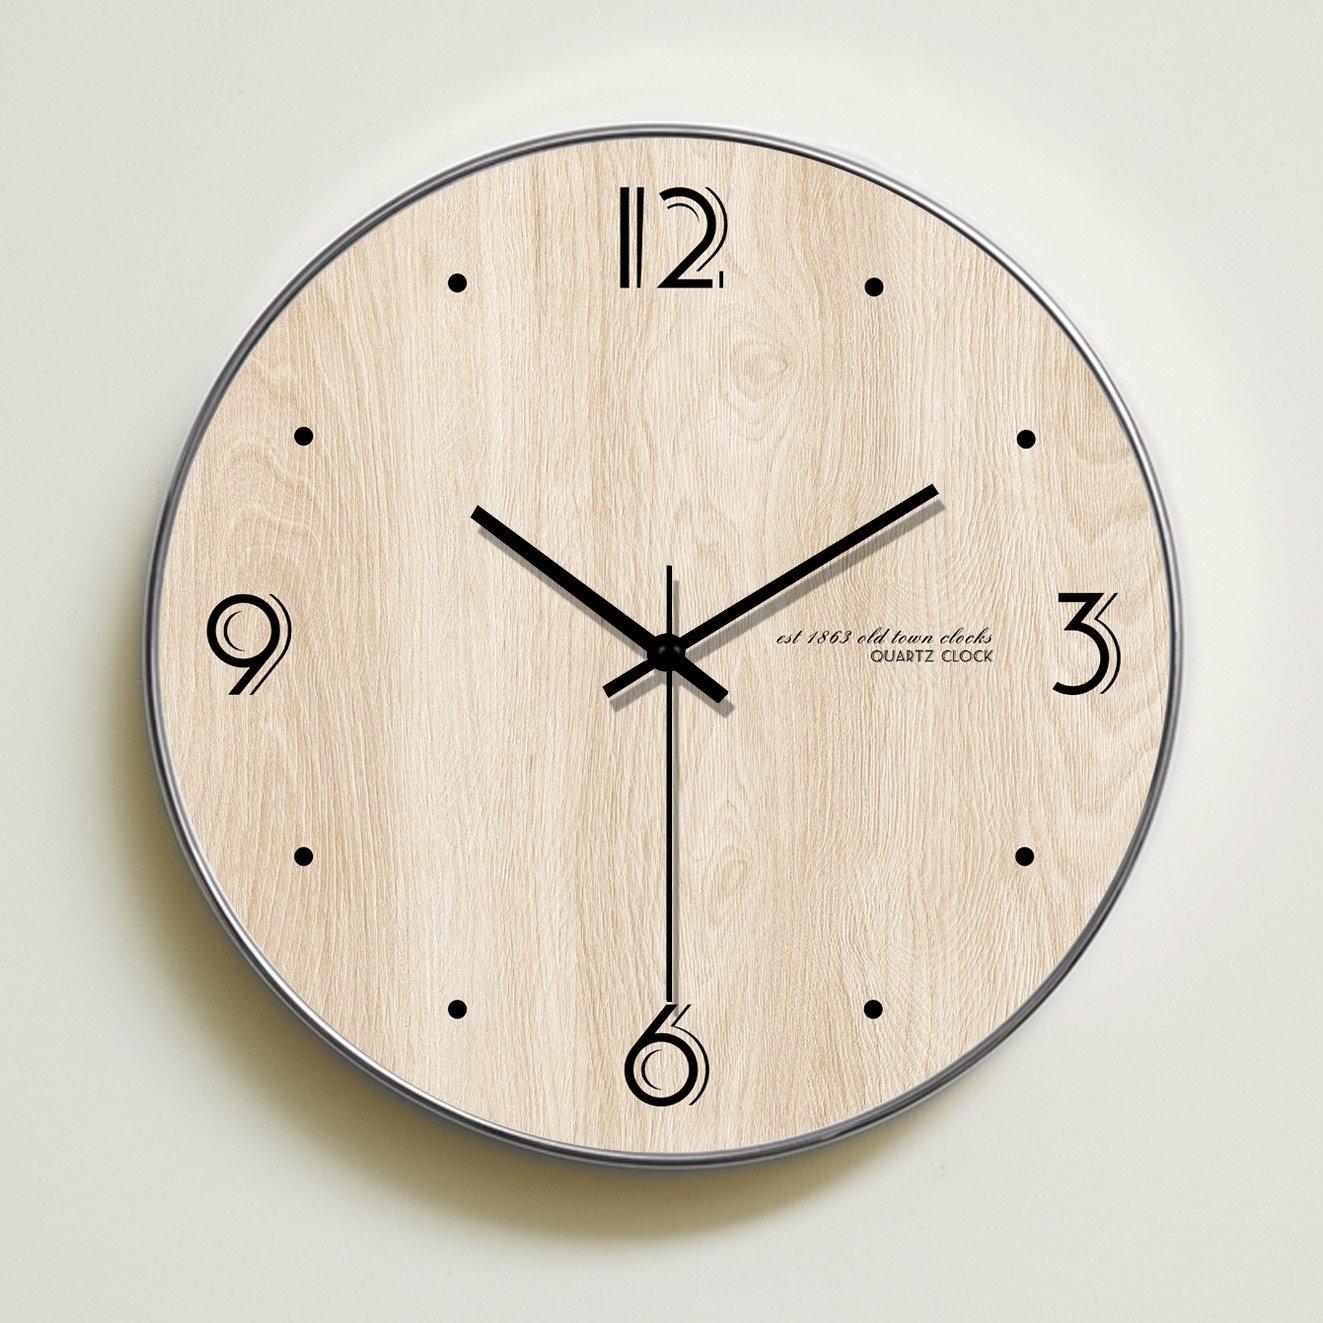 家庭用壁時計居間寝室北欧壁紙クリエイティブなパーソナリティミュートクリエイティブな雰囲気の時計の壁時計 (サイズ さいず : 14 inches) B07DSDTRNB14 inches